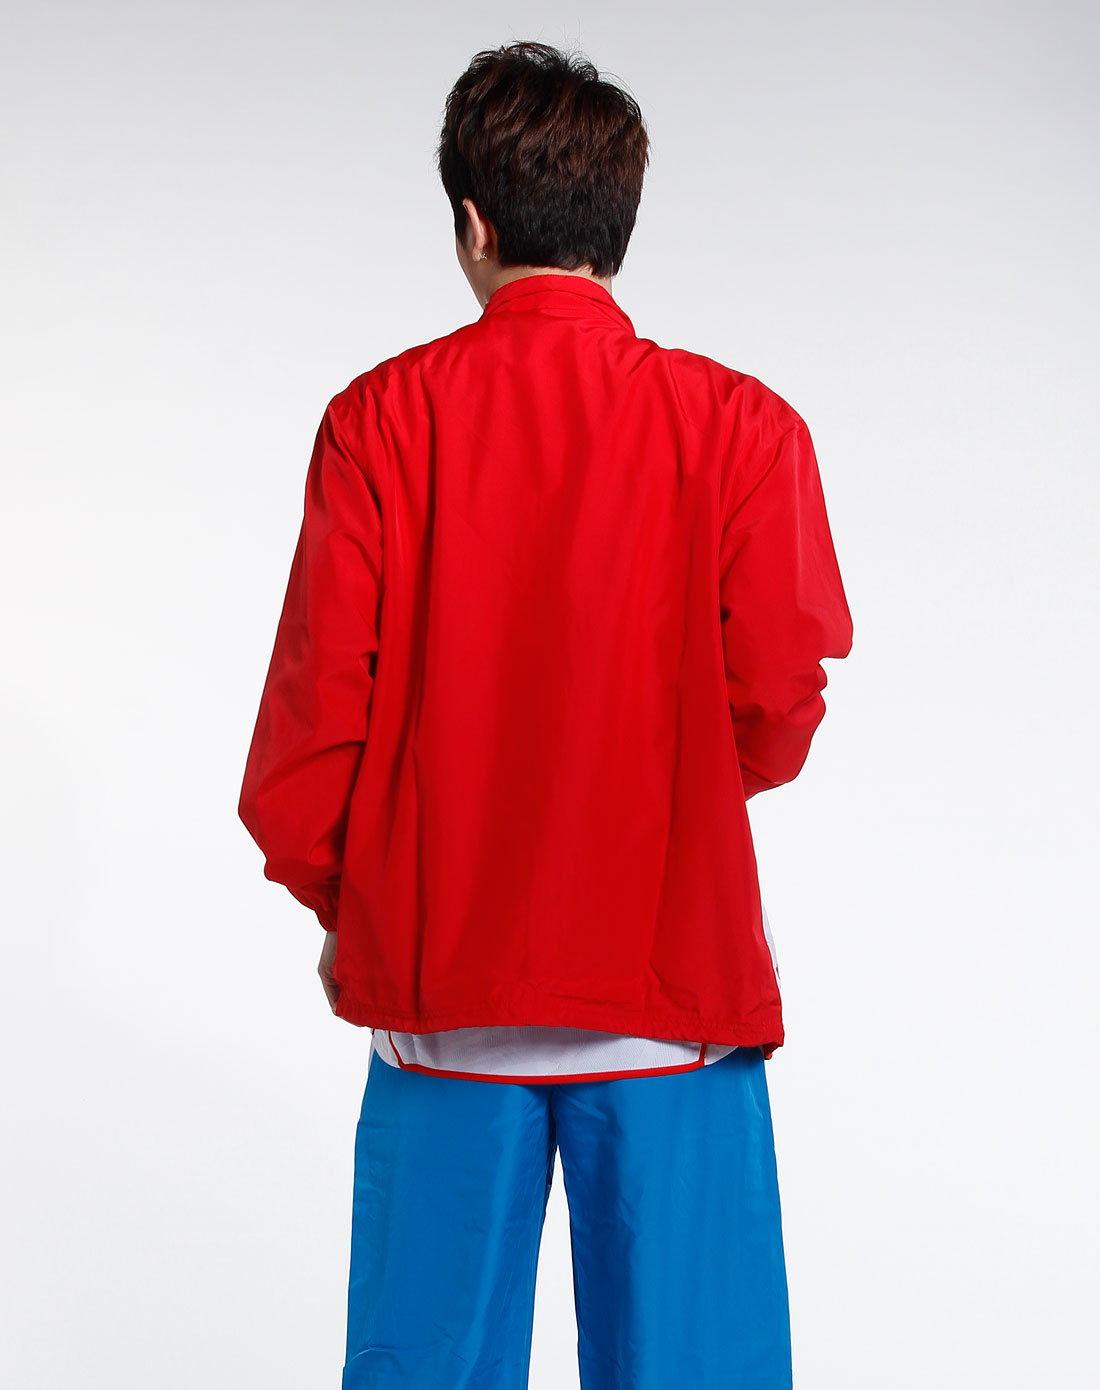 男款朱红色长袖运动休闲